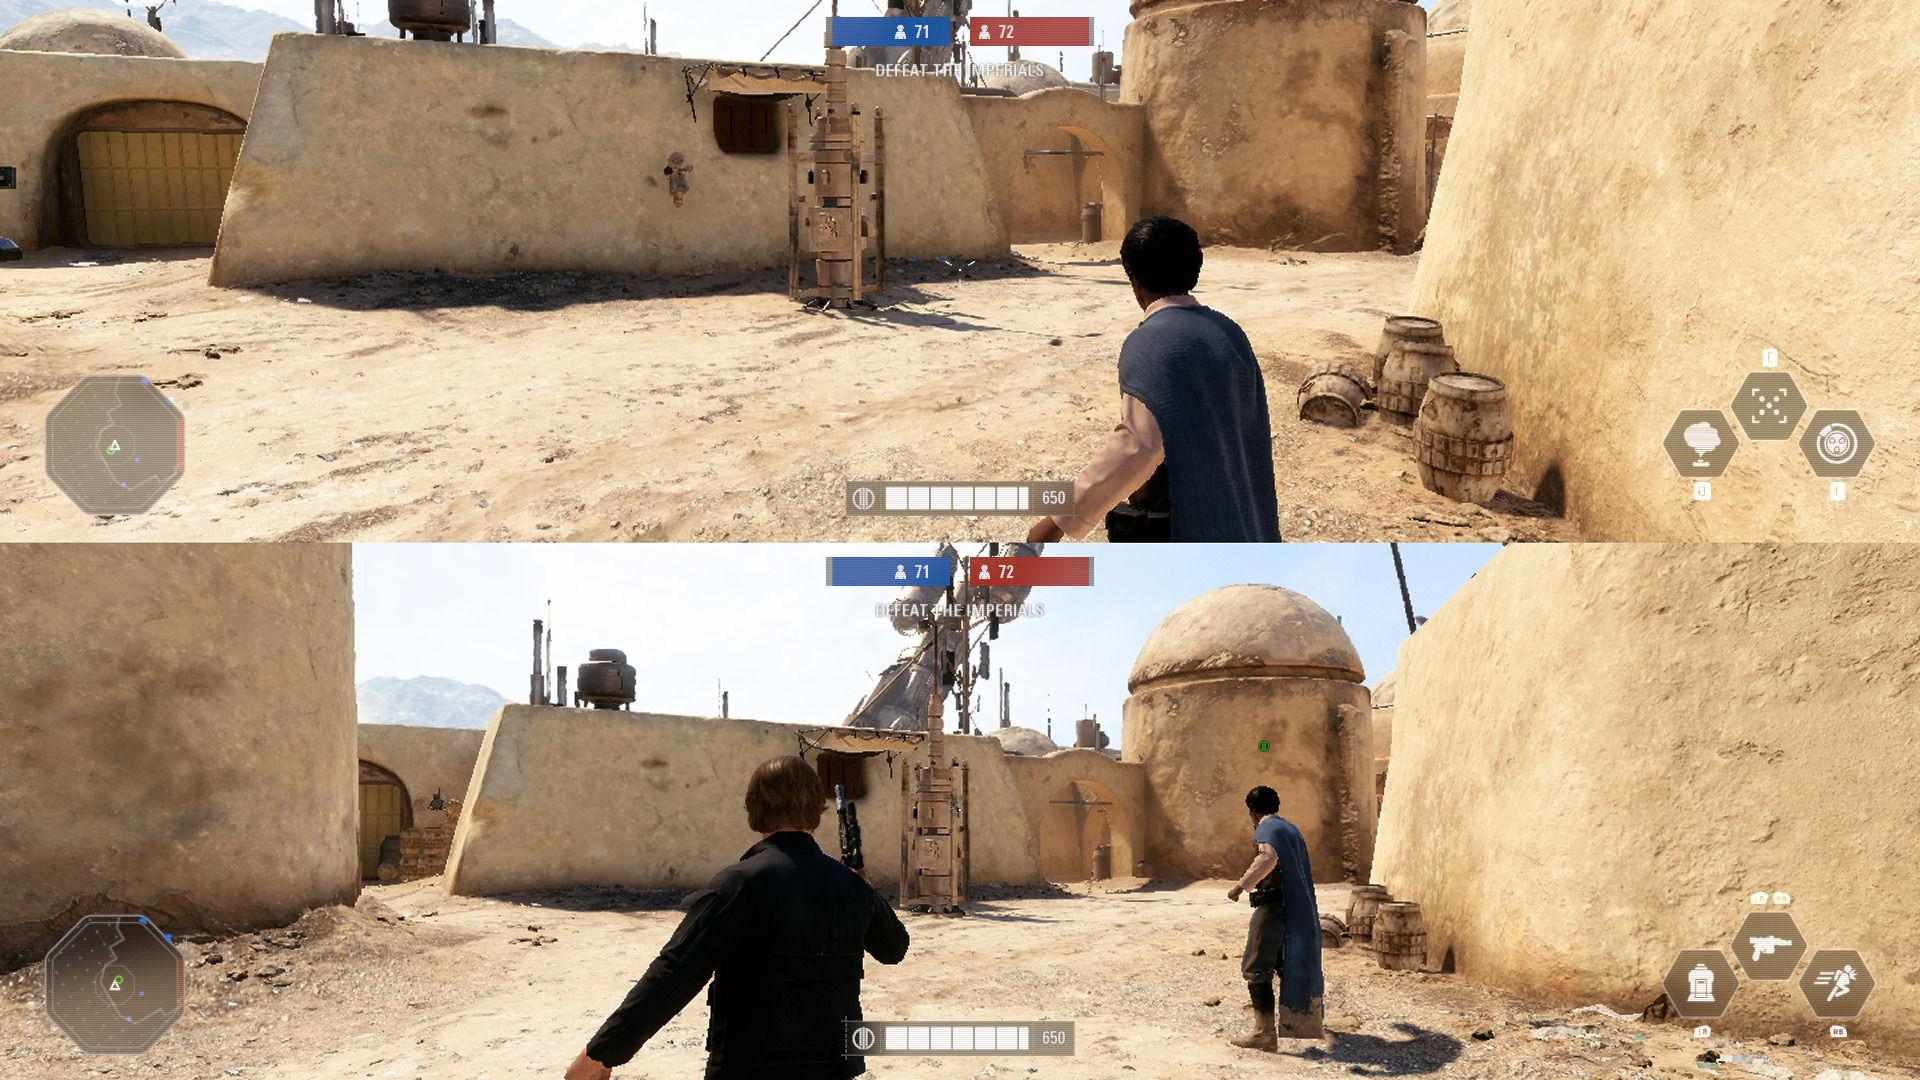 Bu modla Battlefront 2'yi bölünmüş ekranda oynayabileceksiniz